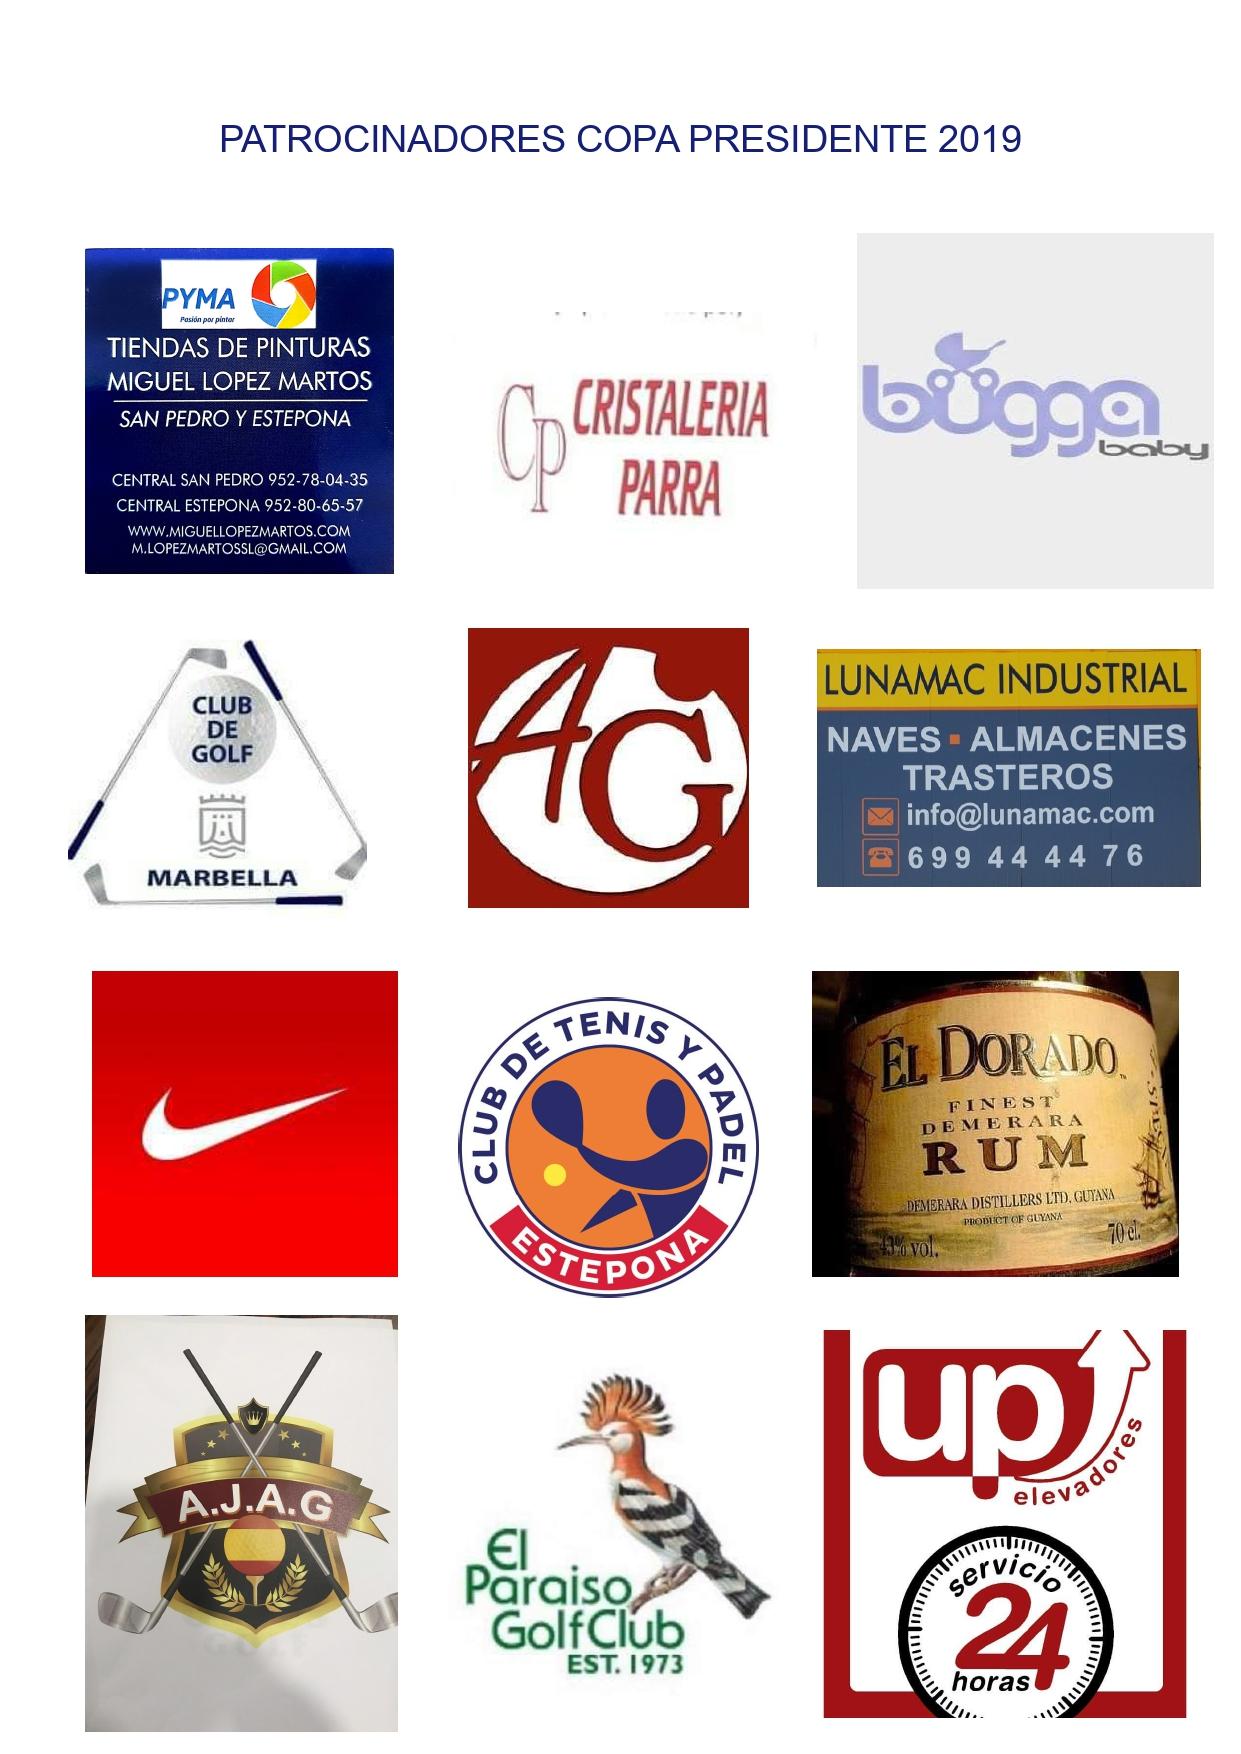 Patrocinadores Copa Presidente